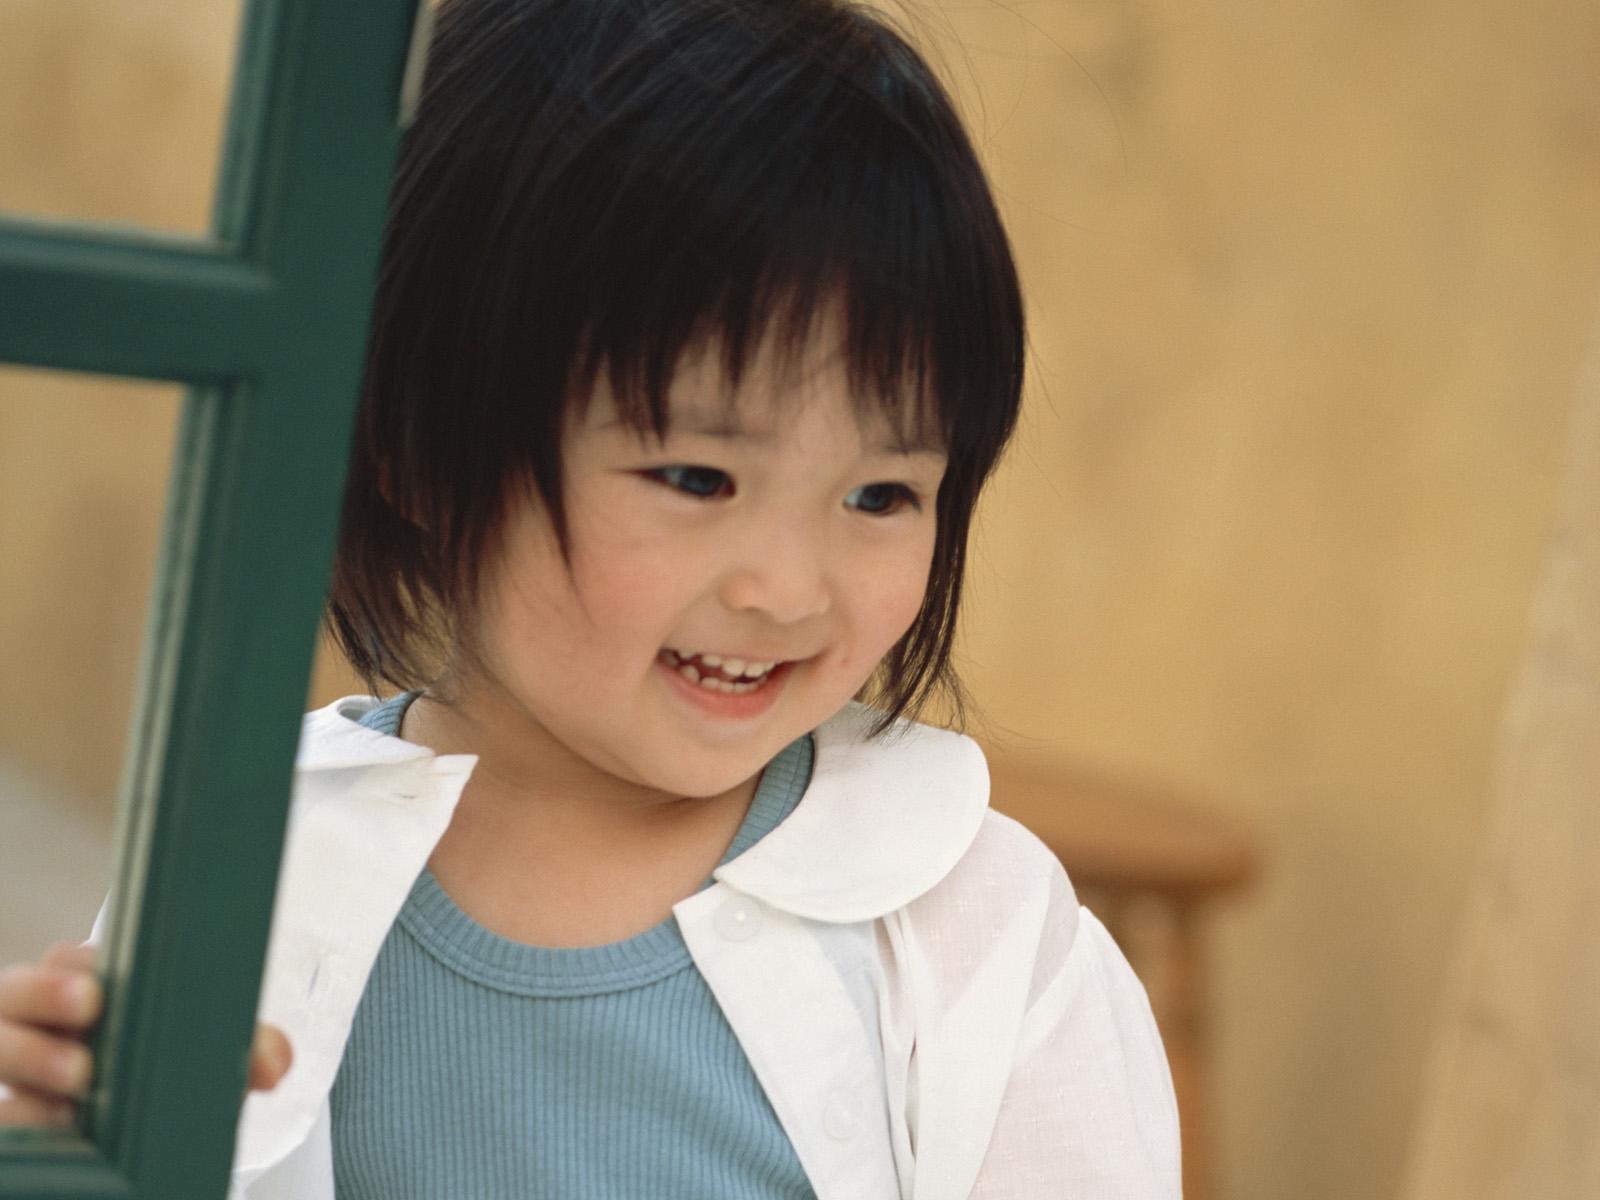 صورة صور خلفيات اطفال دلع 2020 , اجمل طفل , صور اطفال جديدة 2020 10879 2